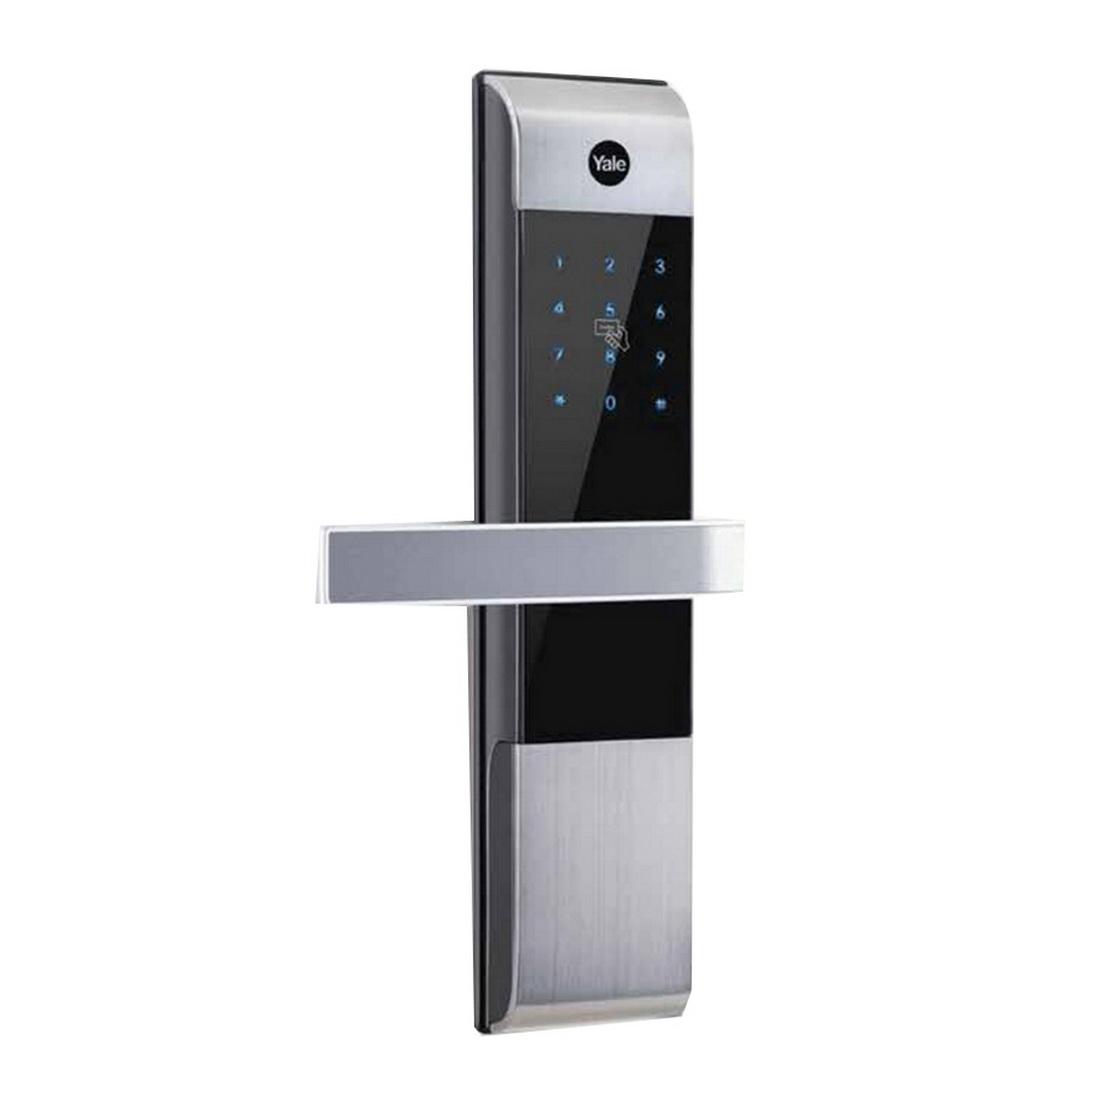 Assa Abloy 3109+ Digital Mortise Door Lock Stainless Steel SYDM3109PLUS/60